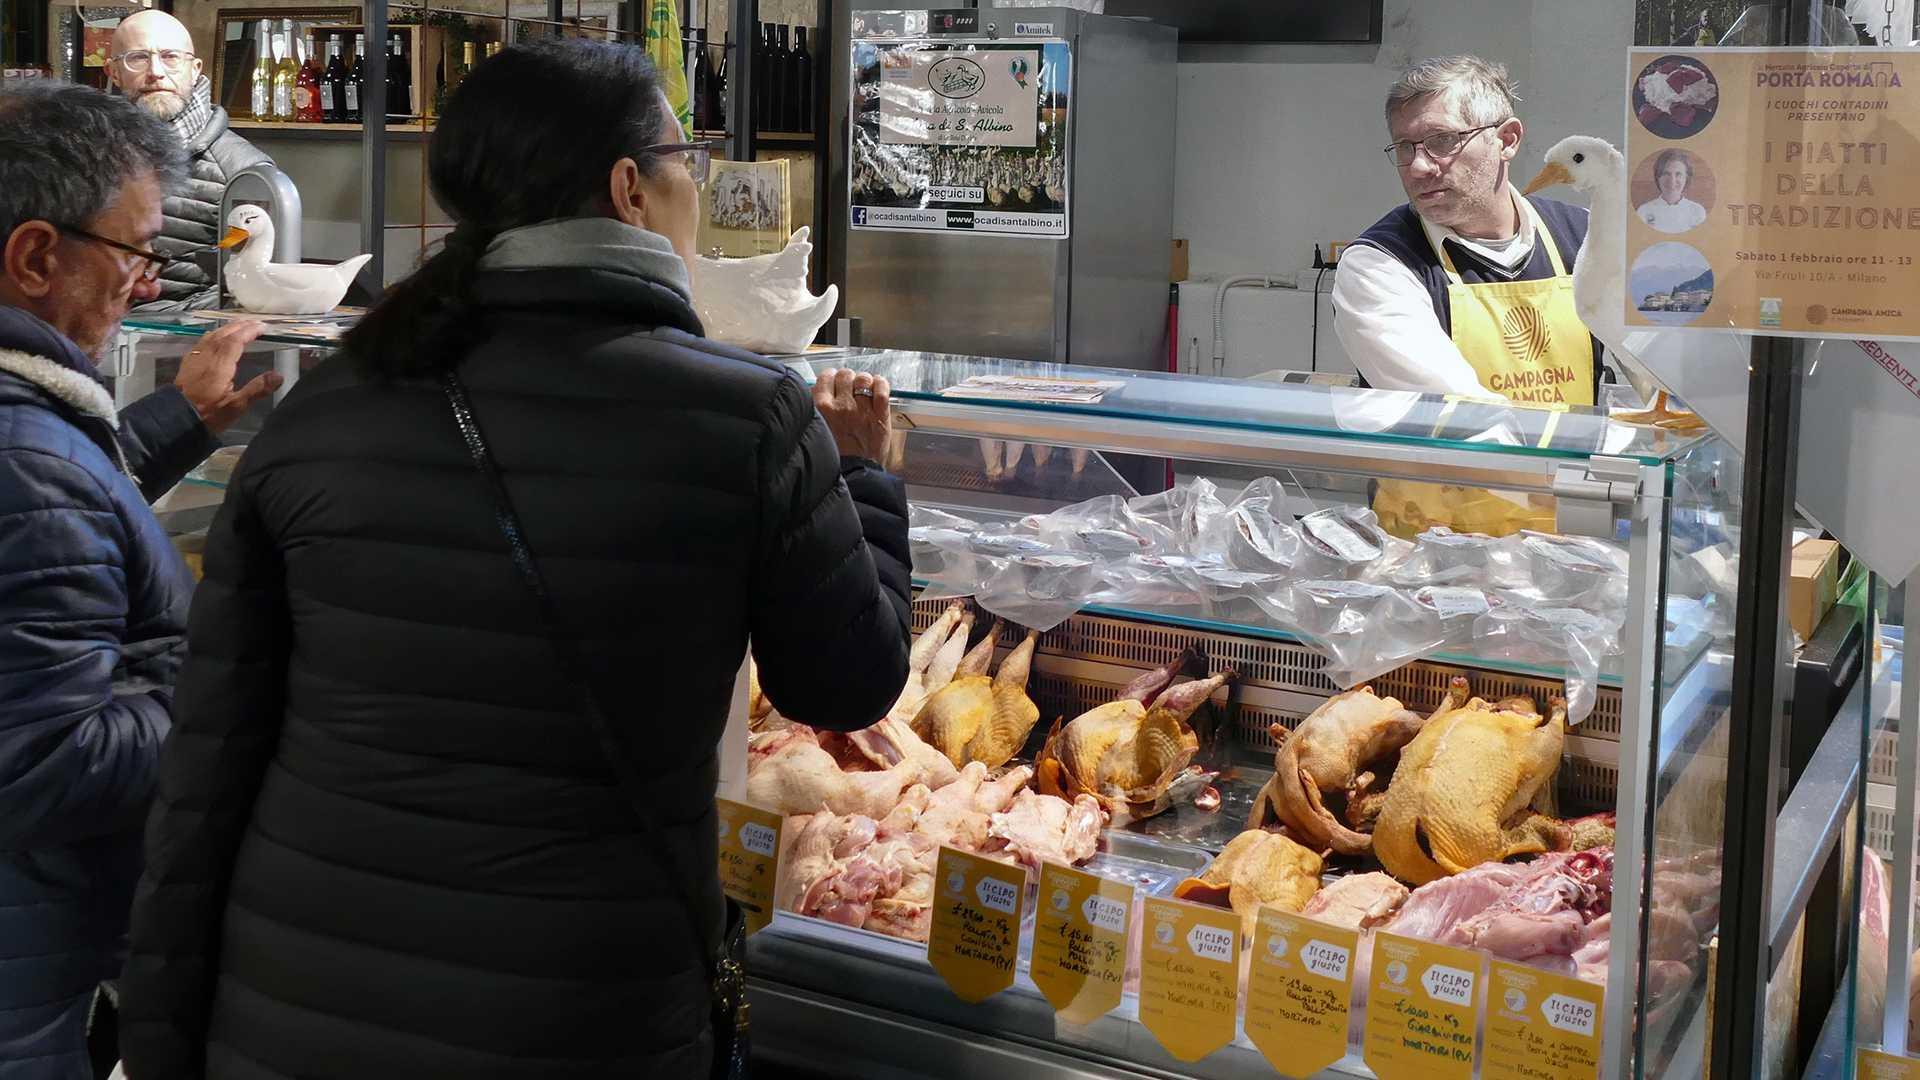 Davide Gallina Mercato Via Friuli Stand Oca di Sant'Albino